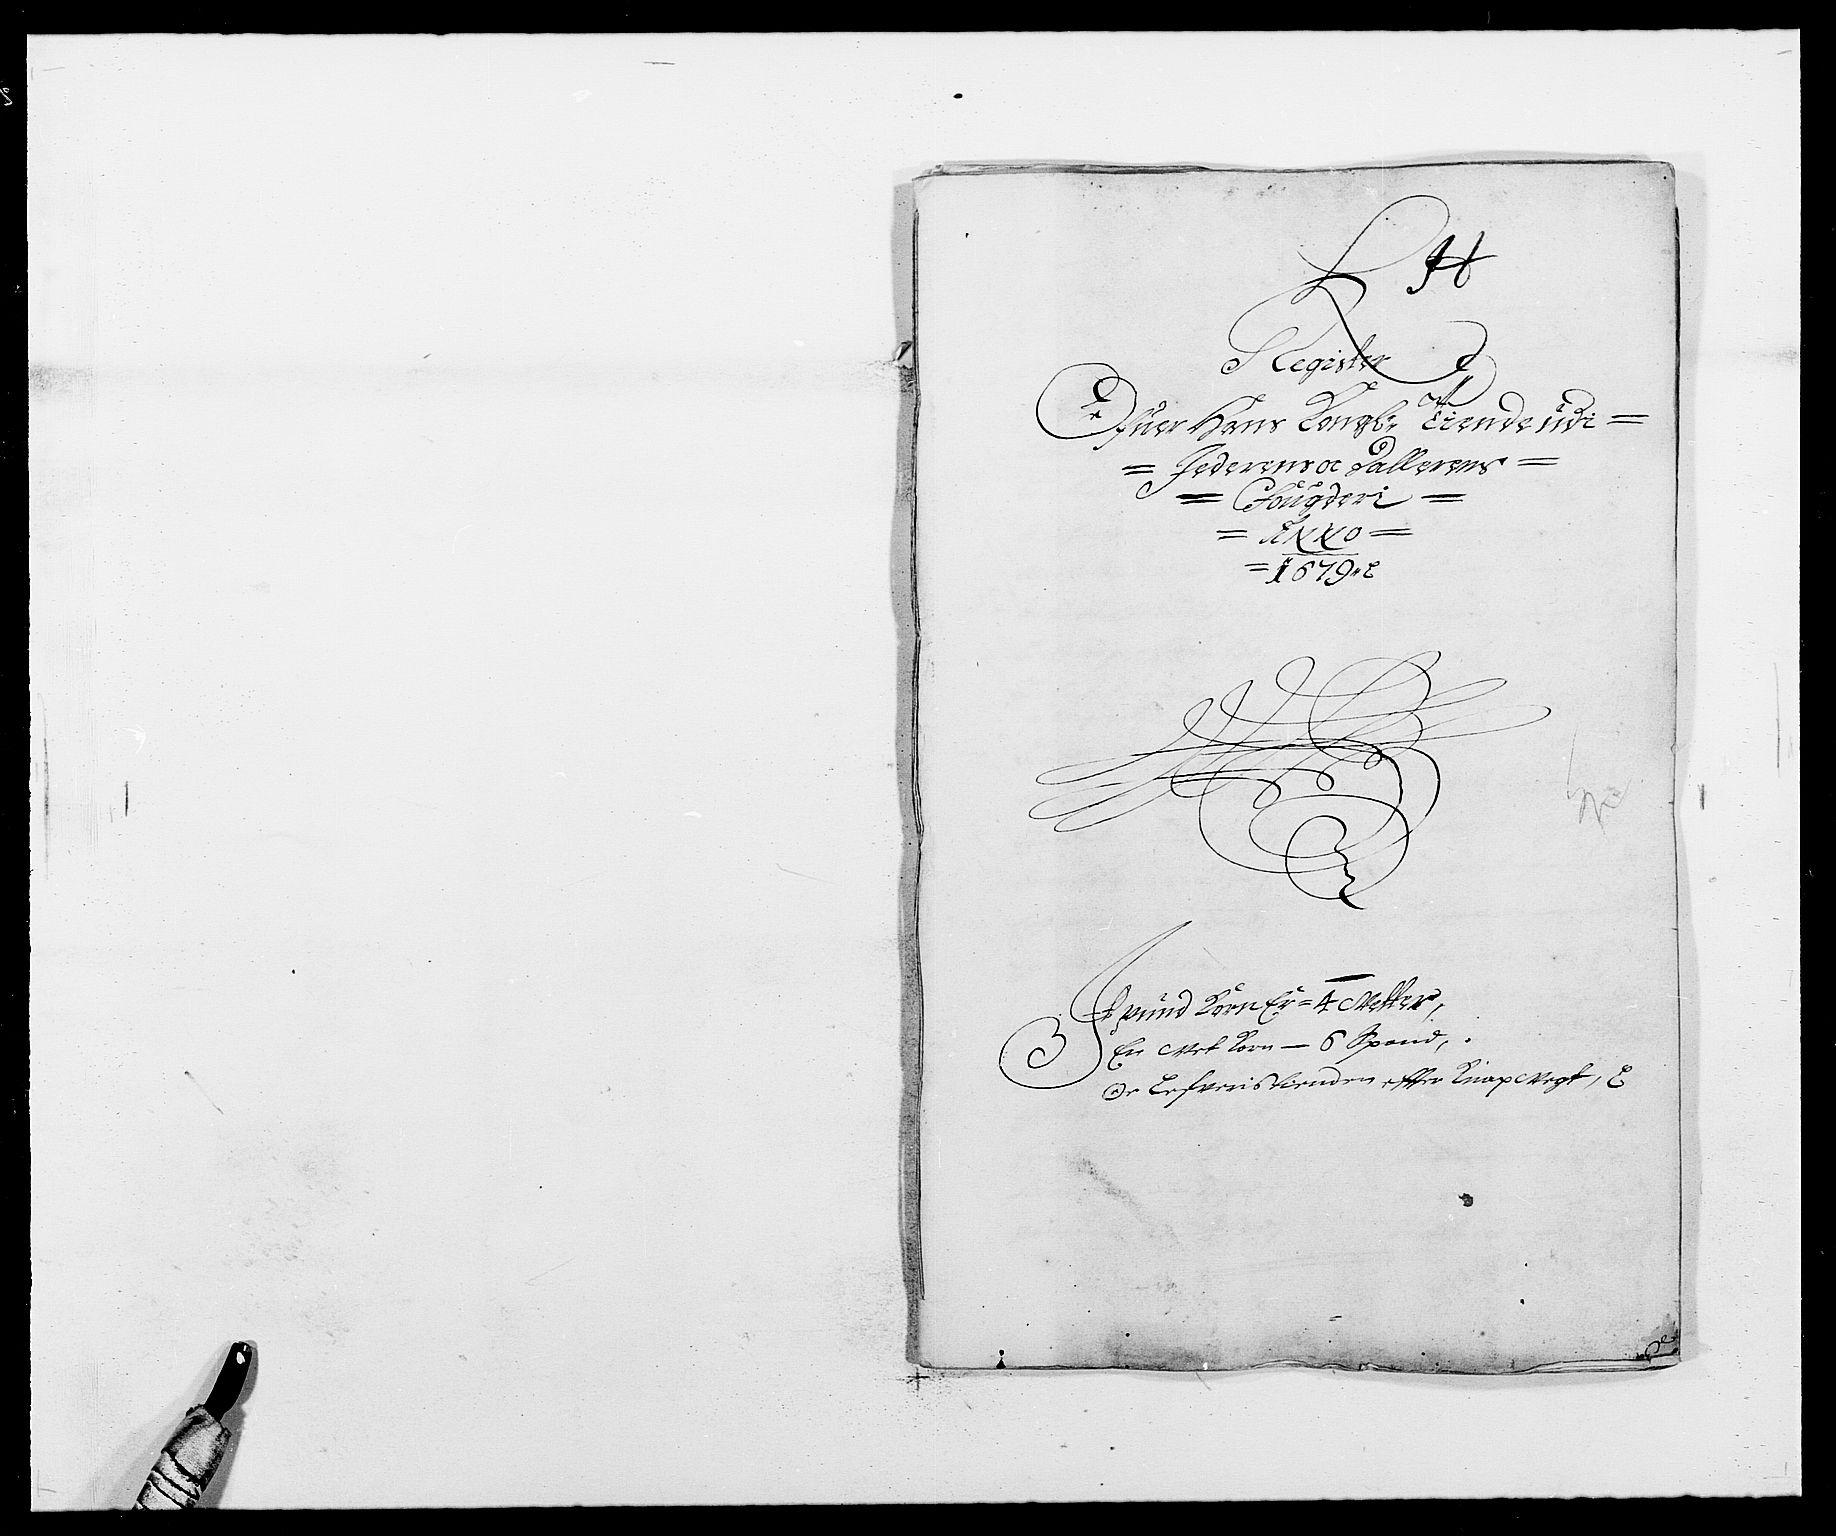 RA, Rentekammeret inntil 1814, Reviderte regnskaper, Fogderegnskap, R46/L2719: Fogderegnskap Jæren og Dalane, 1679, s. 261